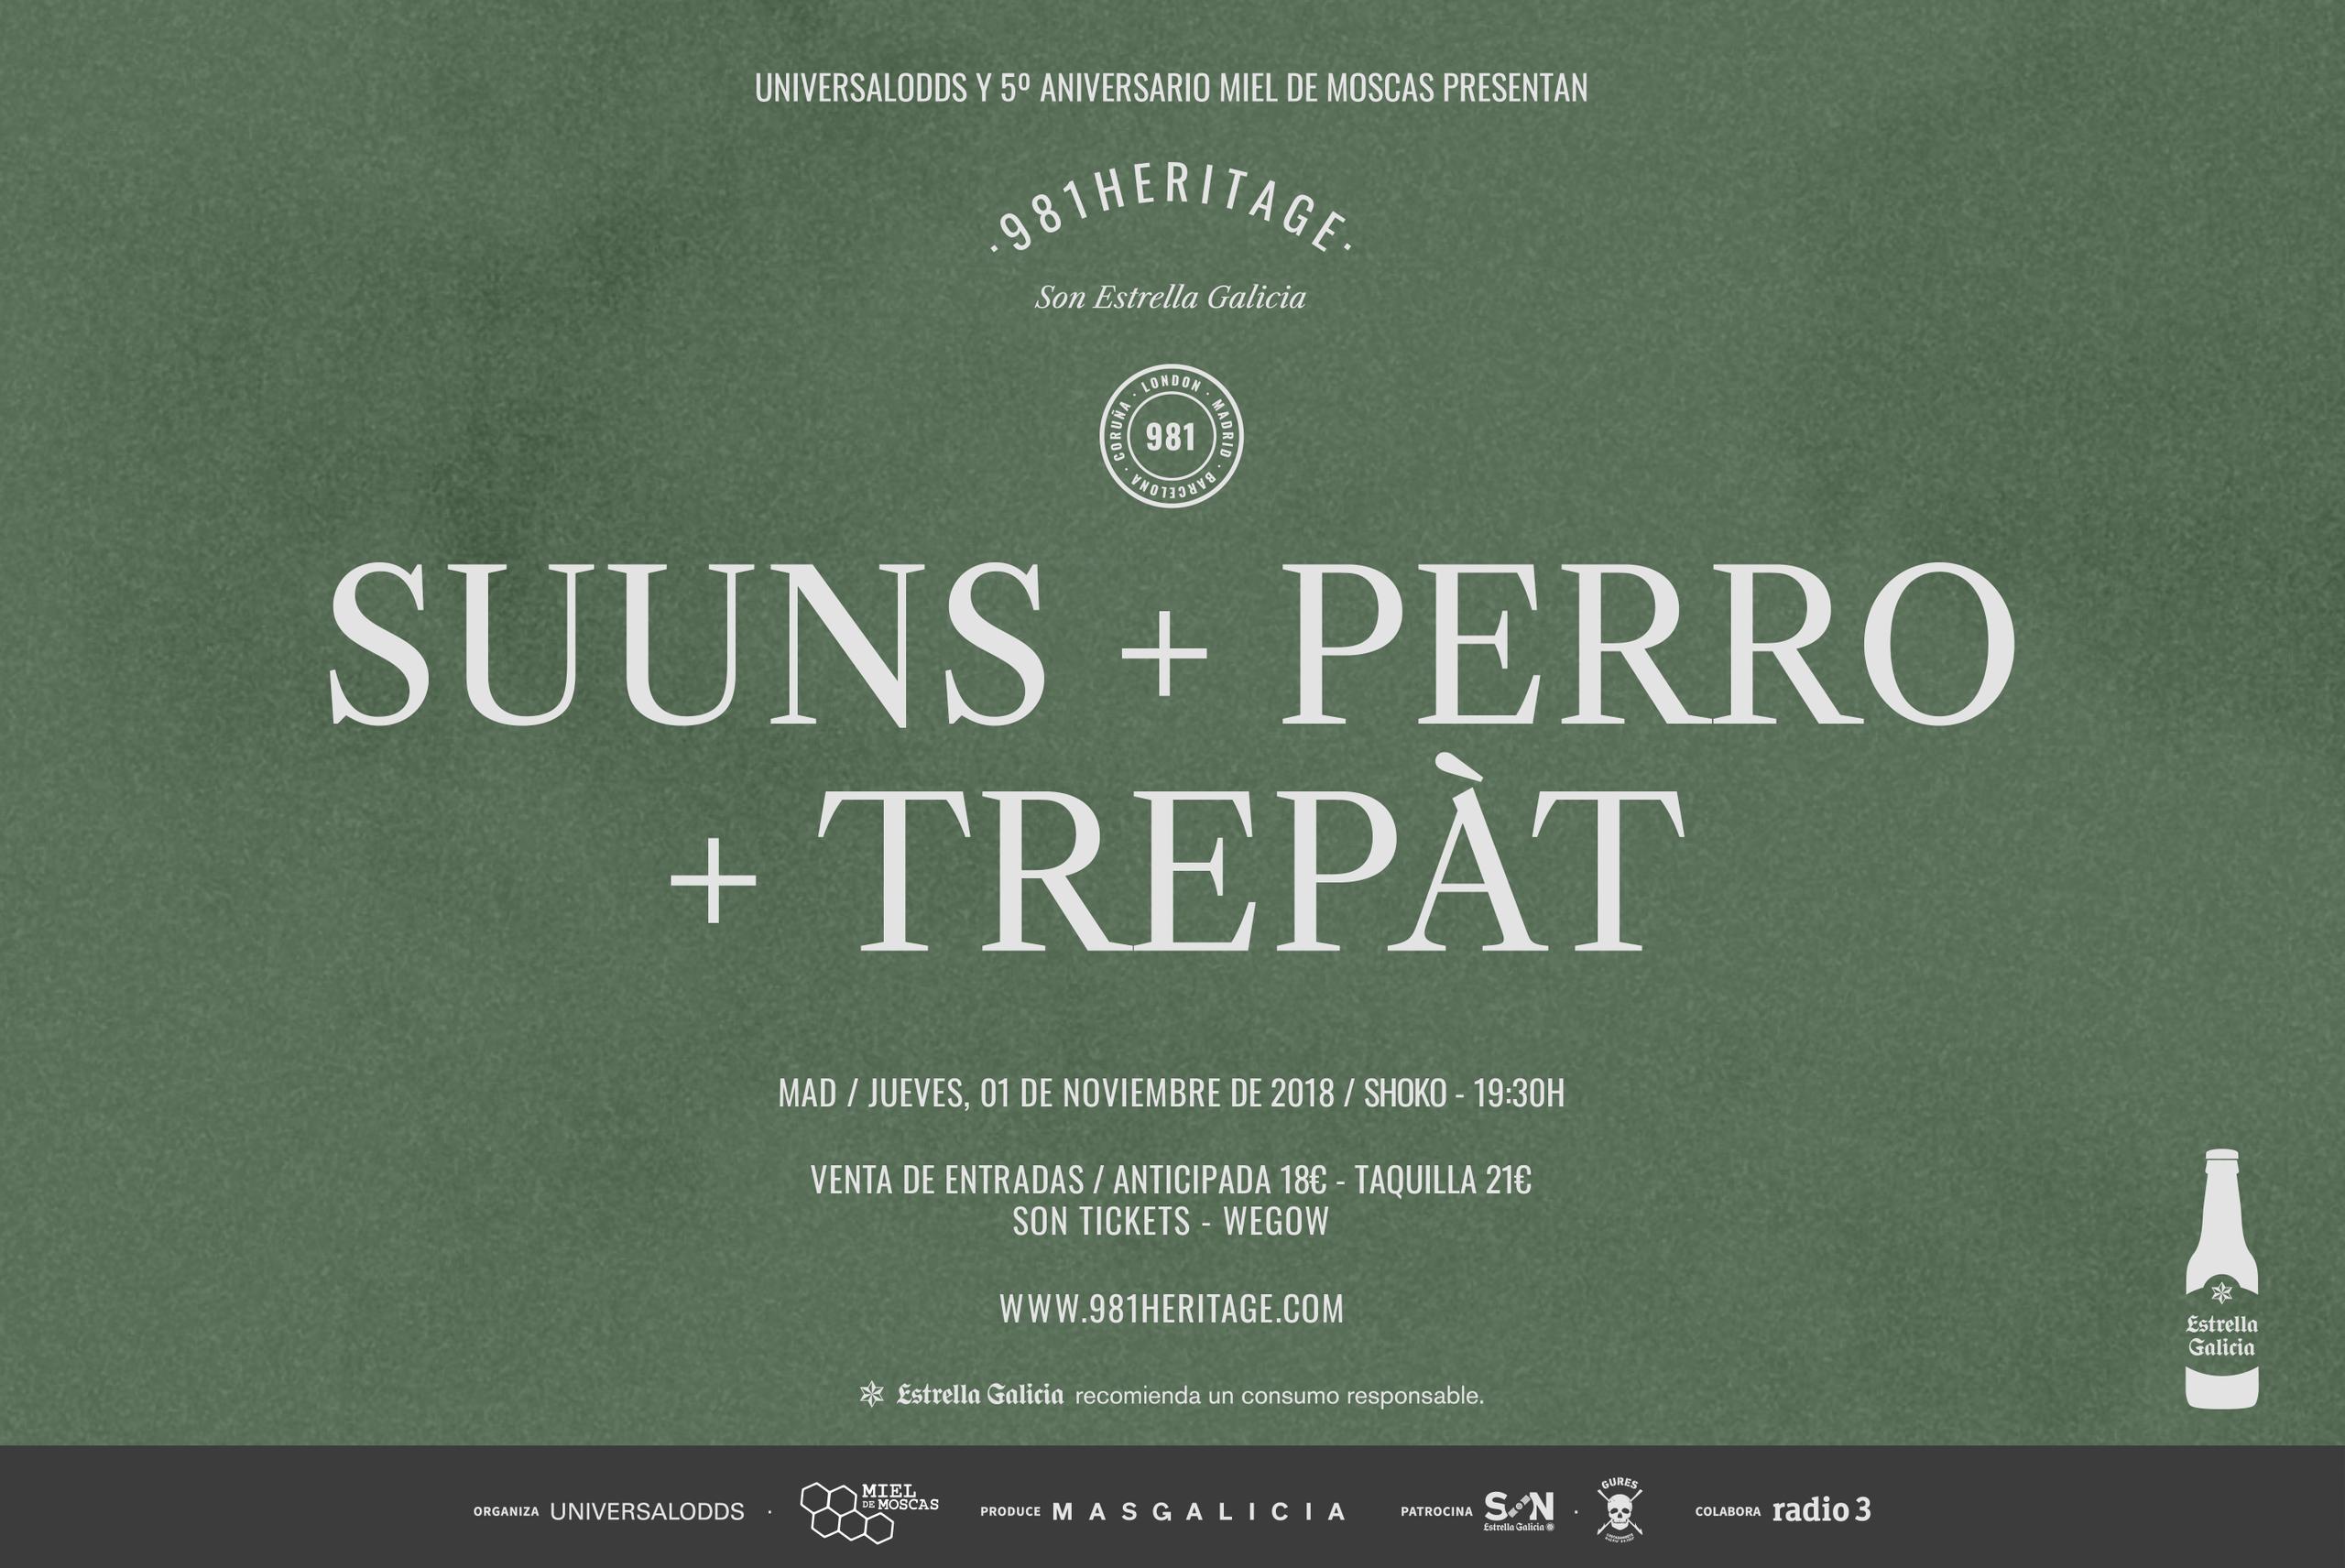 5º Aniversario Miel de Moscas y 981Heritage SON Estrella de Galicia presentan: SUUNS + PERRO + TREPÀT